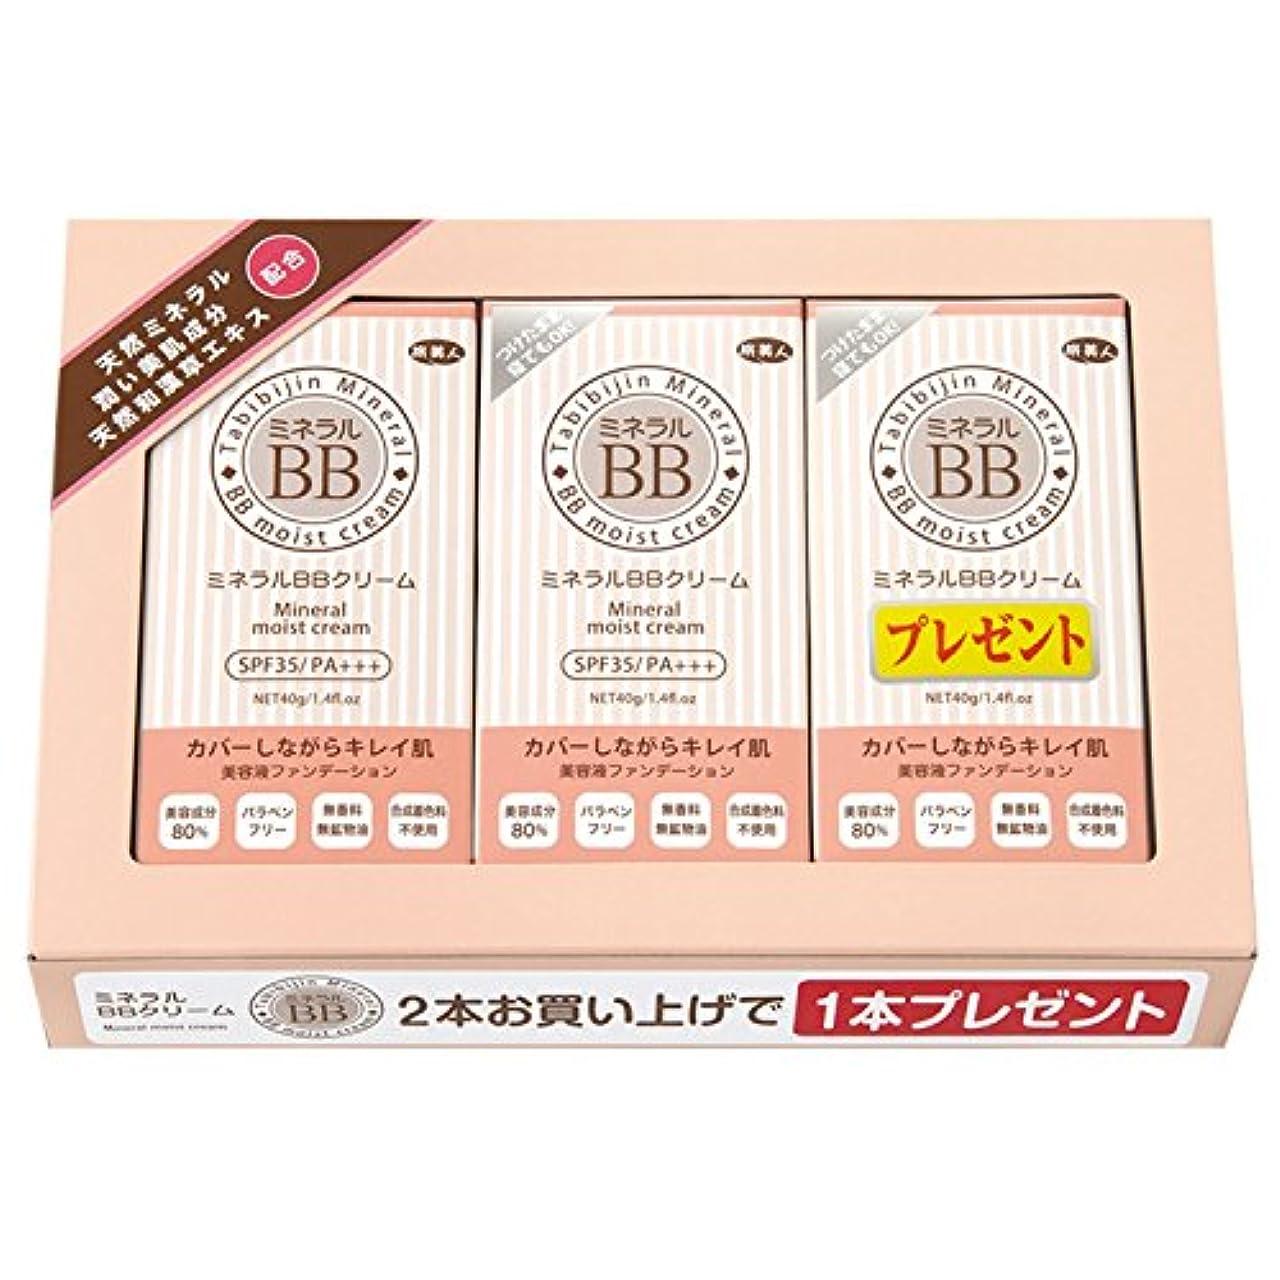 マージ慢なスーパーマーケットアズマ商事の ミネラルBBクリーム お得な 2本のお値段で3本入りセット